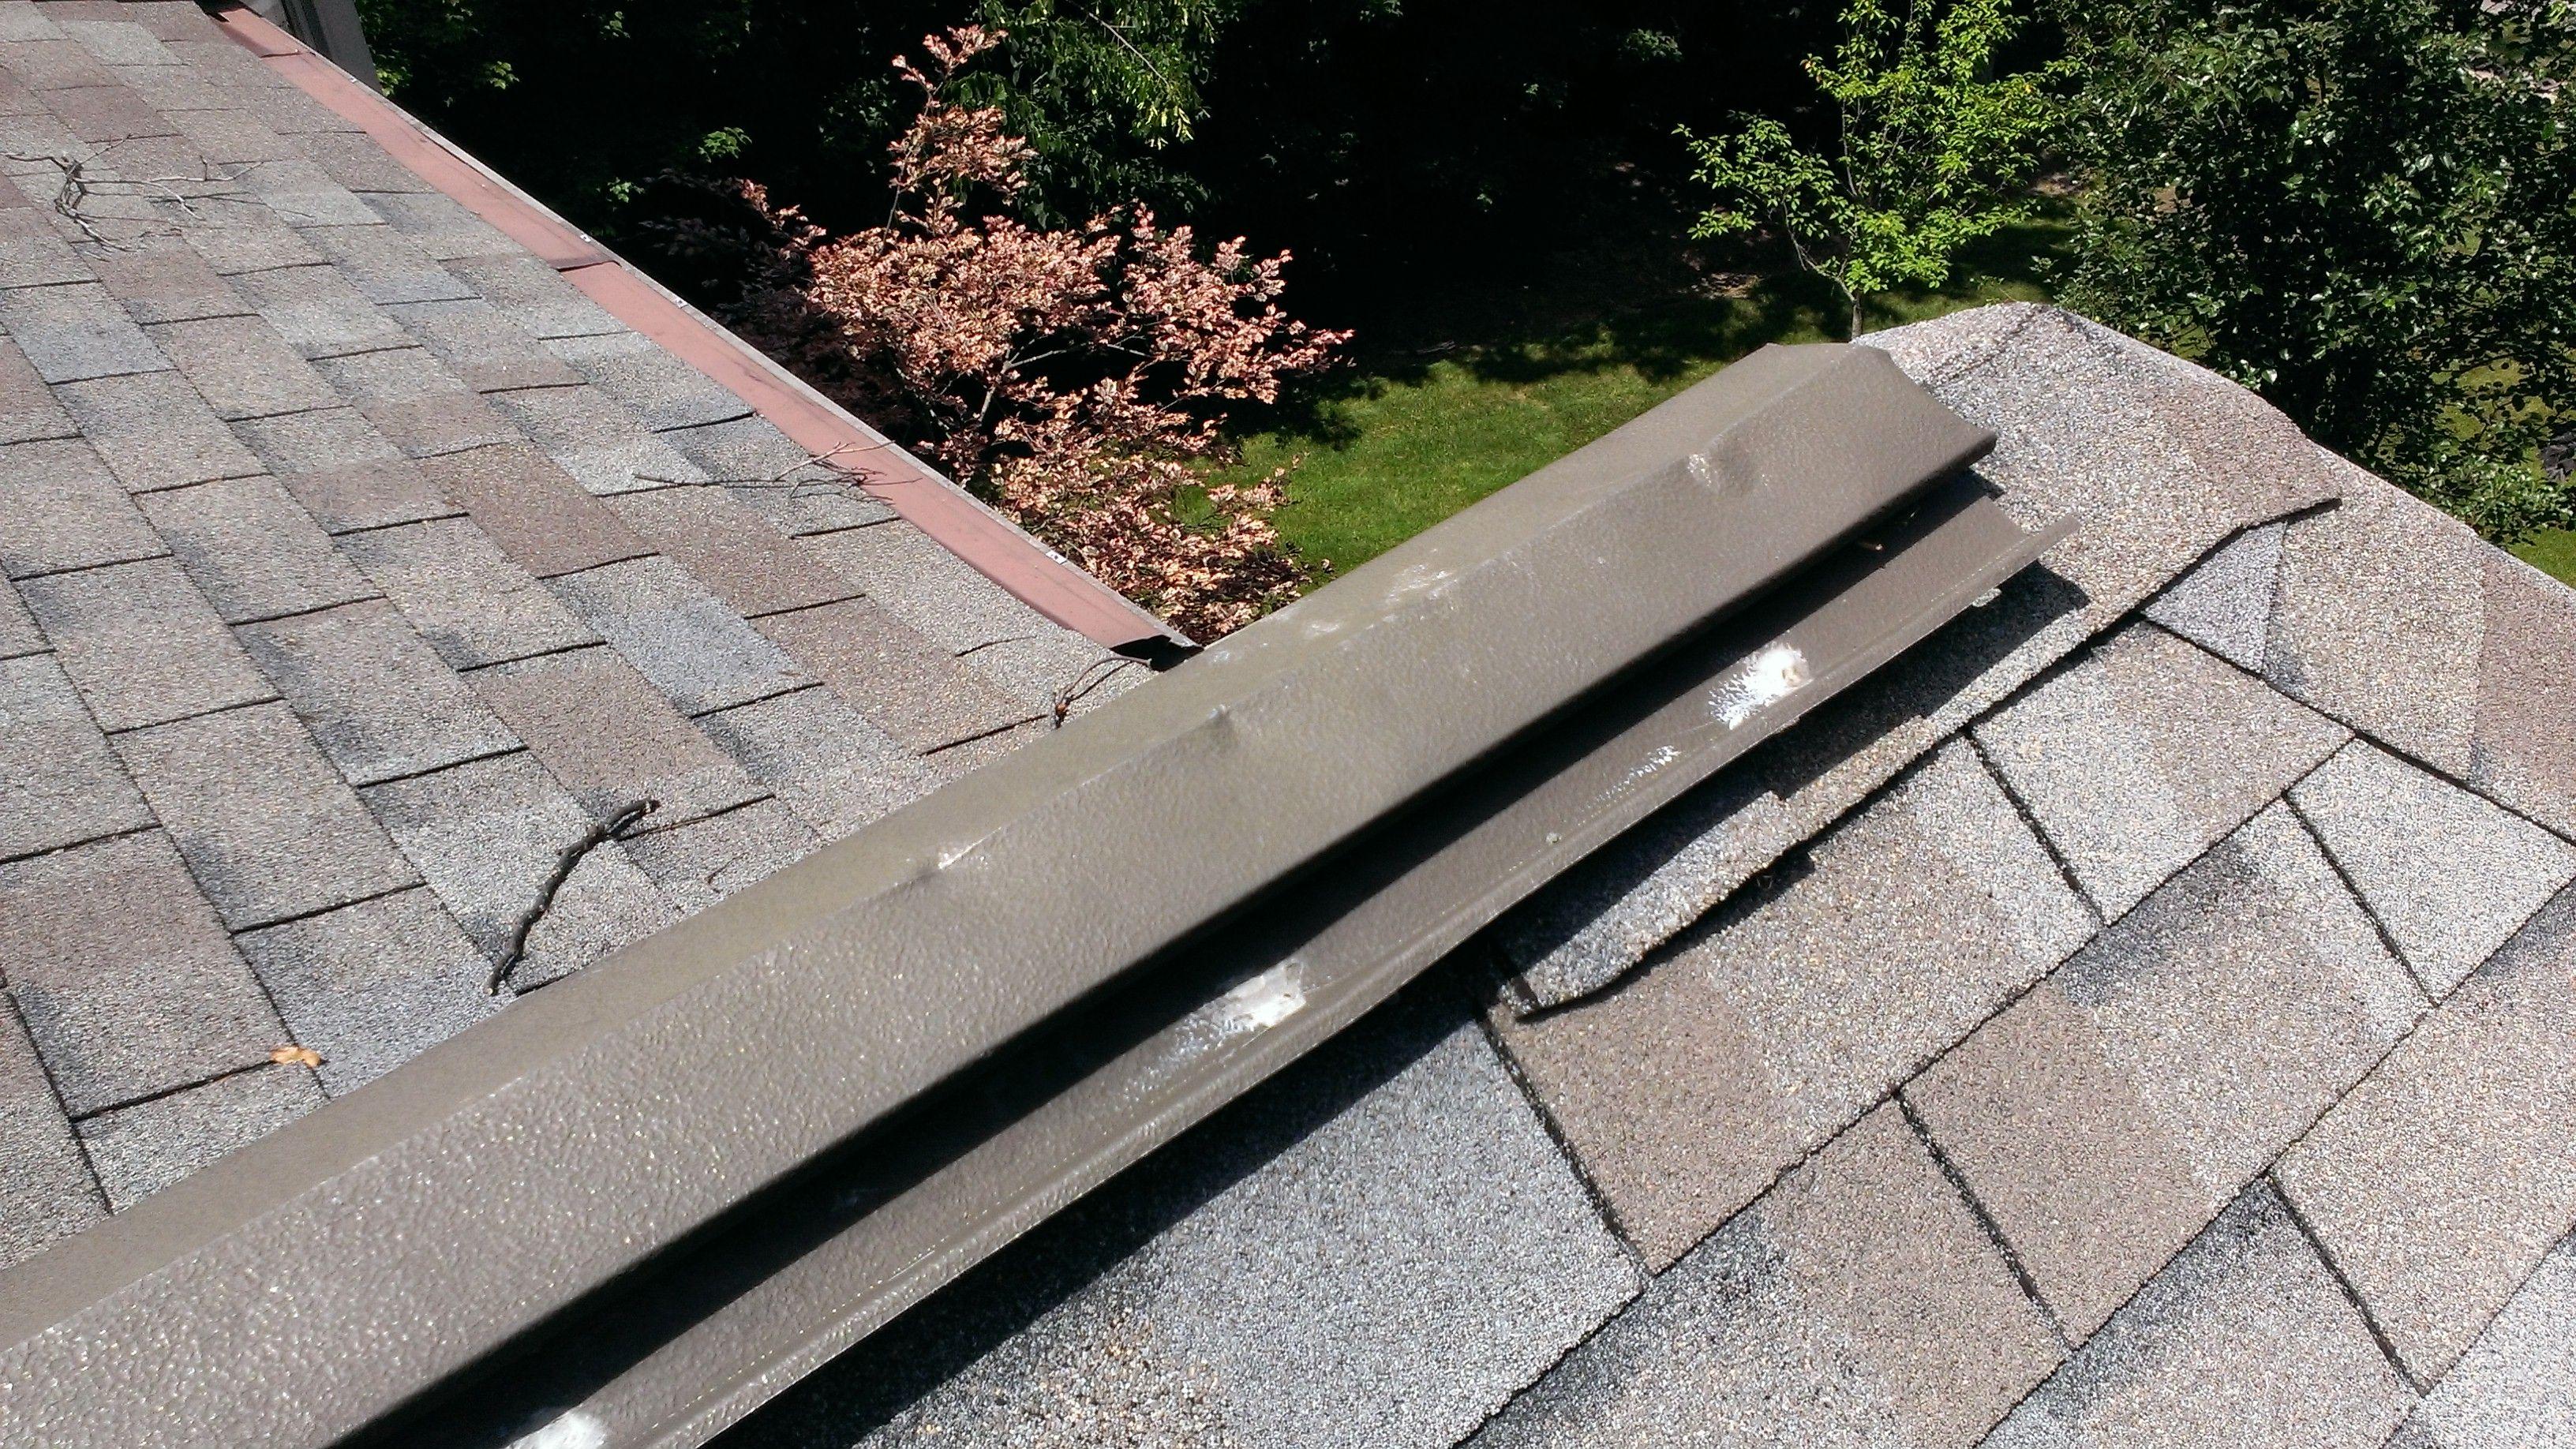 More hail damage hail sidewalk damaged